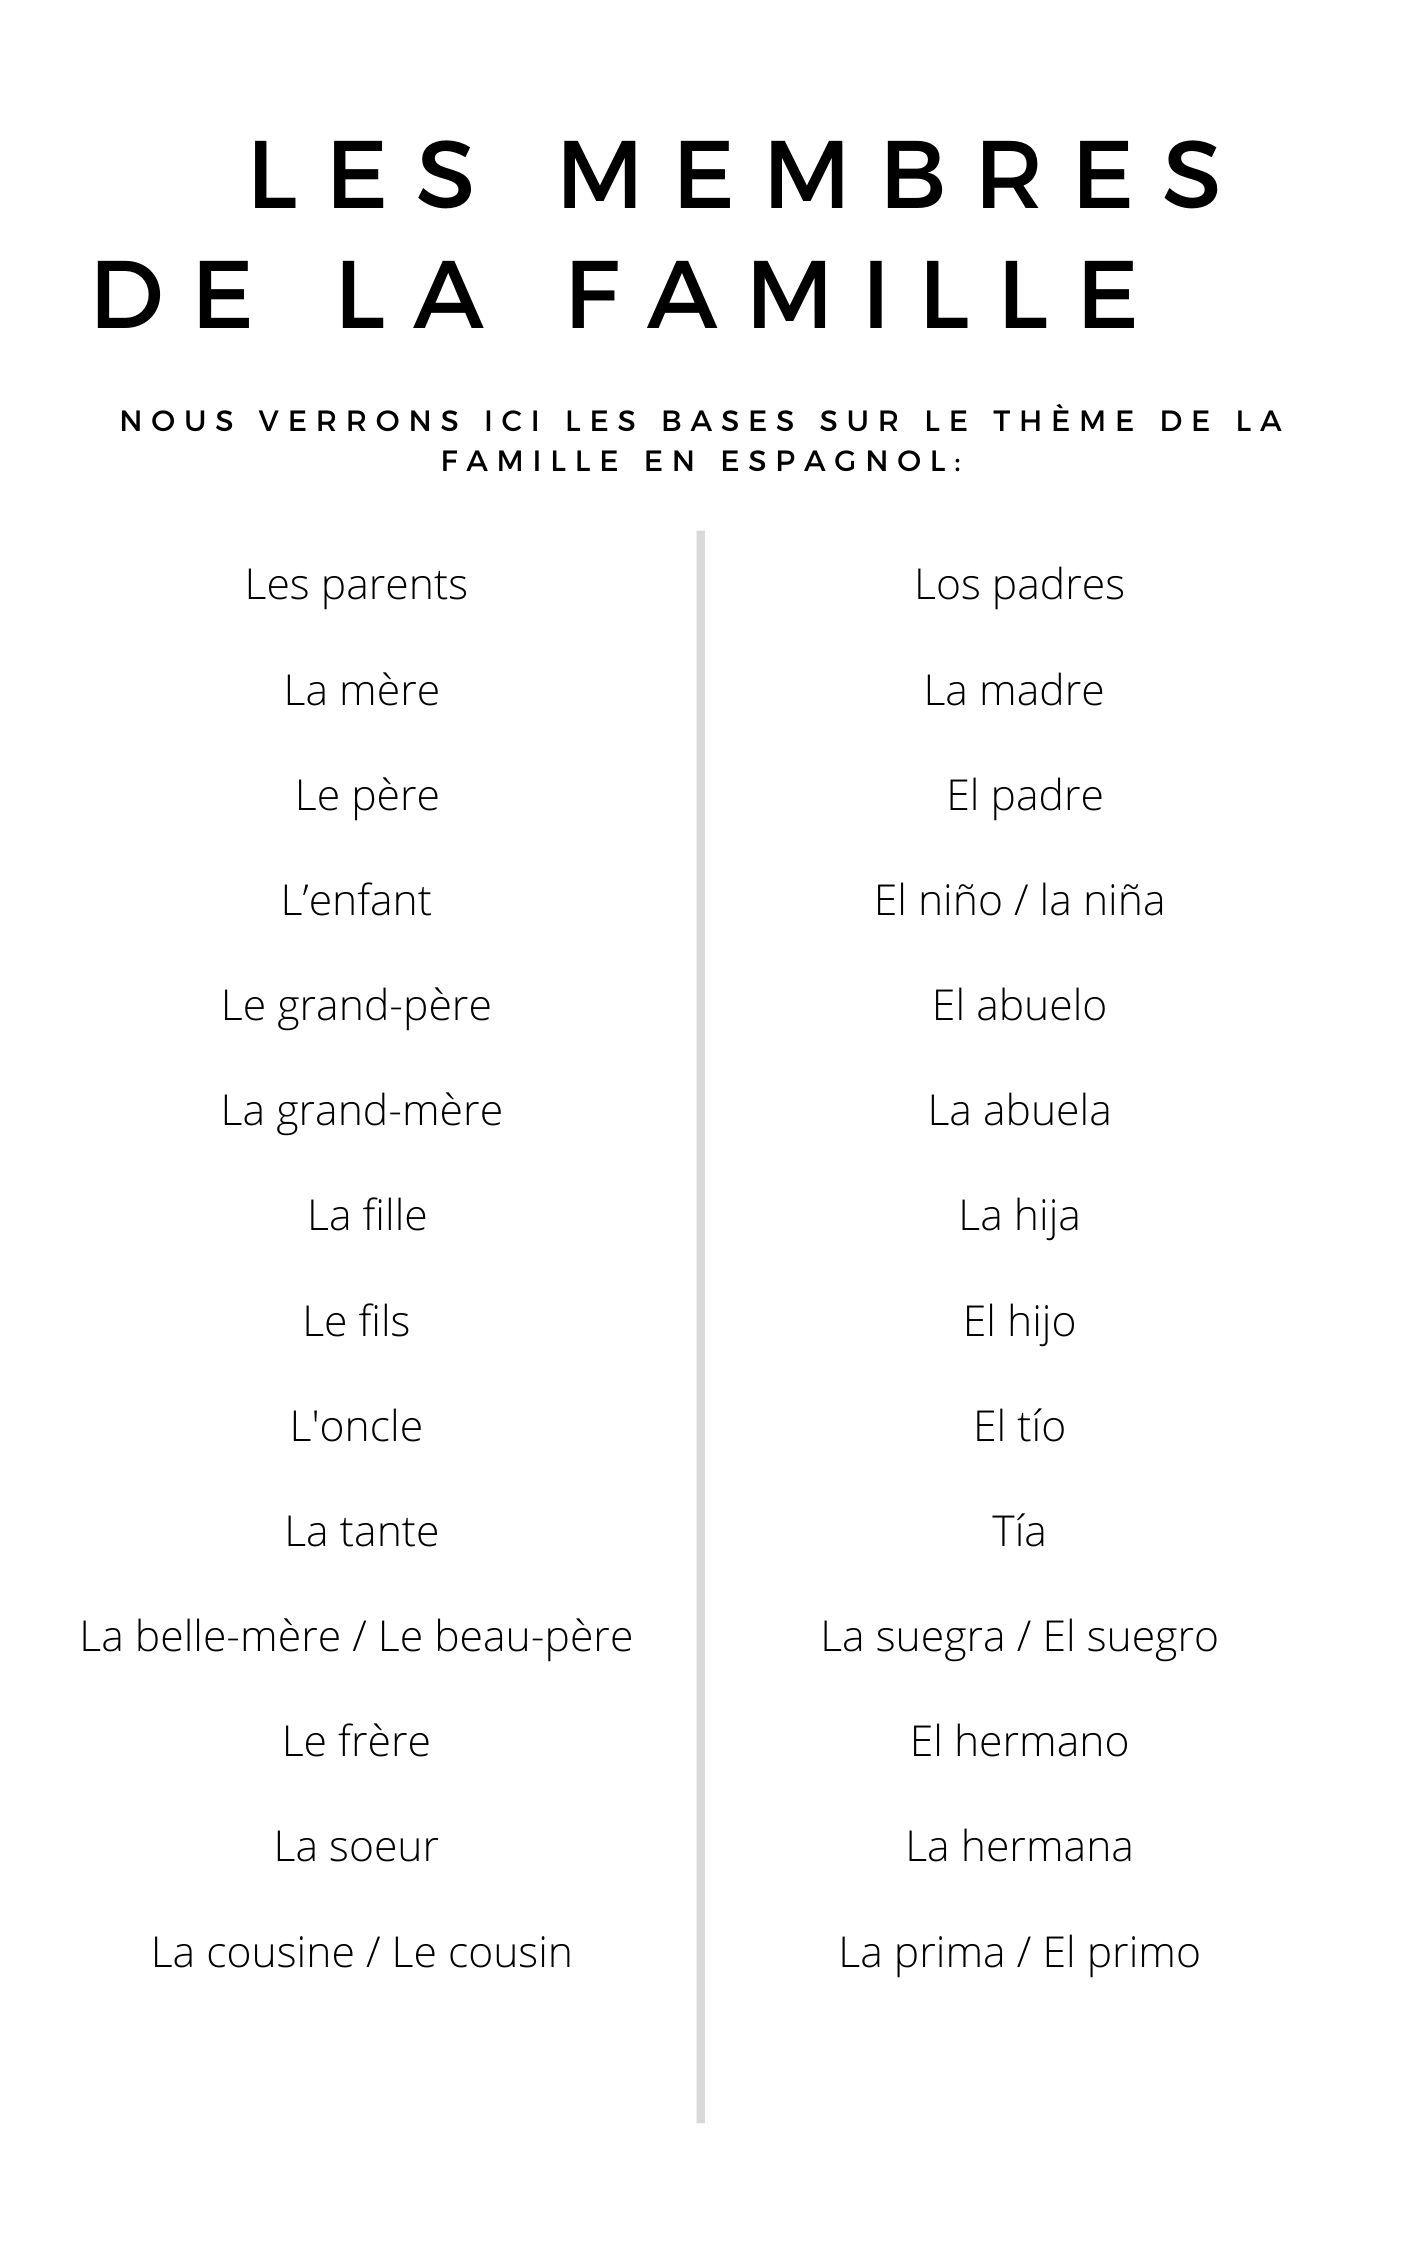 Vocabulaire Des Membres De La Famille Francais Espagnol Francais Espagnol Espagnol Espagnol Apprendre